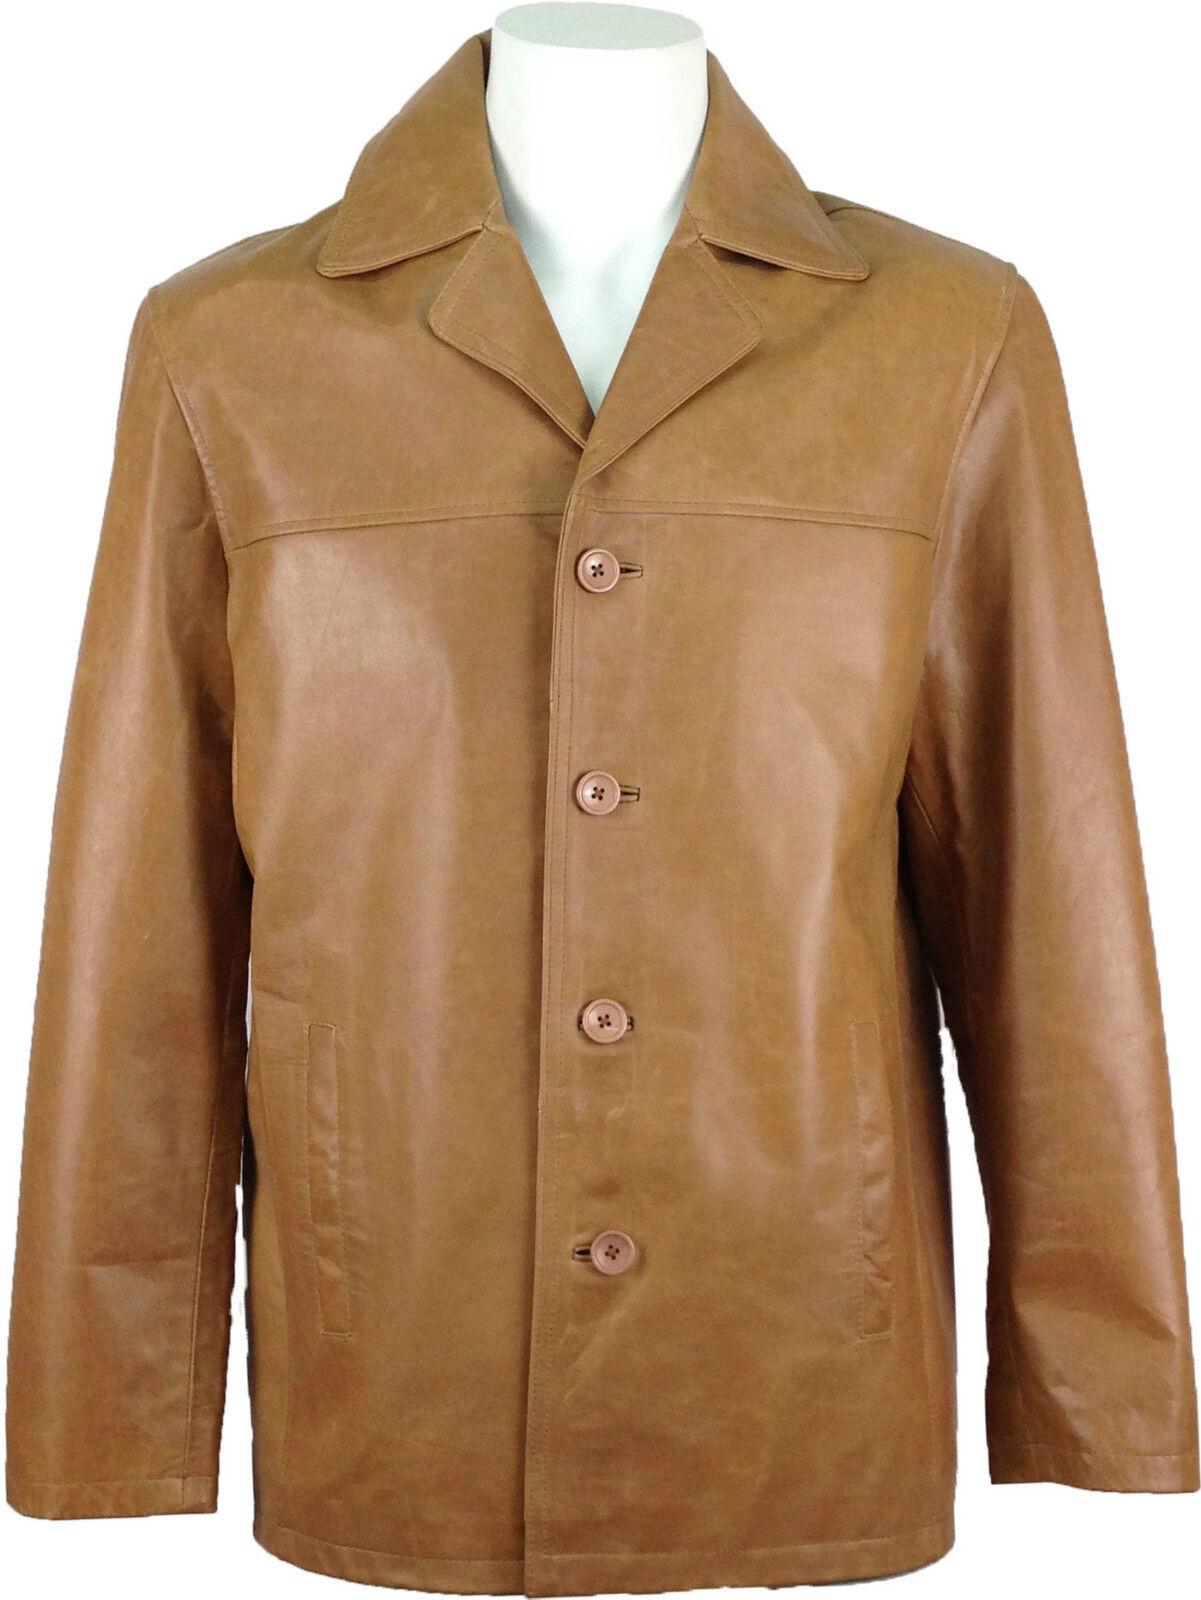 UNICORN Hombres real cuero chaqueta clásico Chaqueta Blazer traje Beige  AC